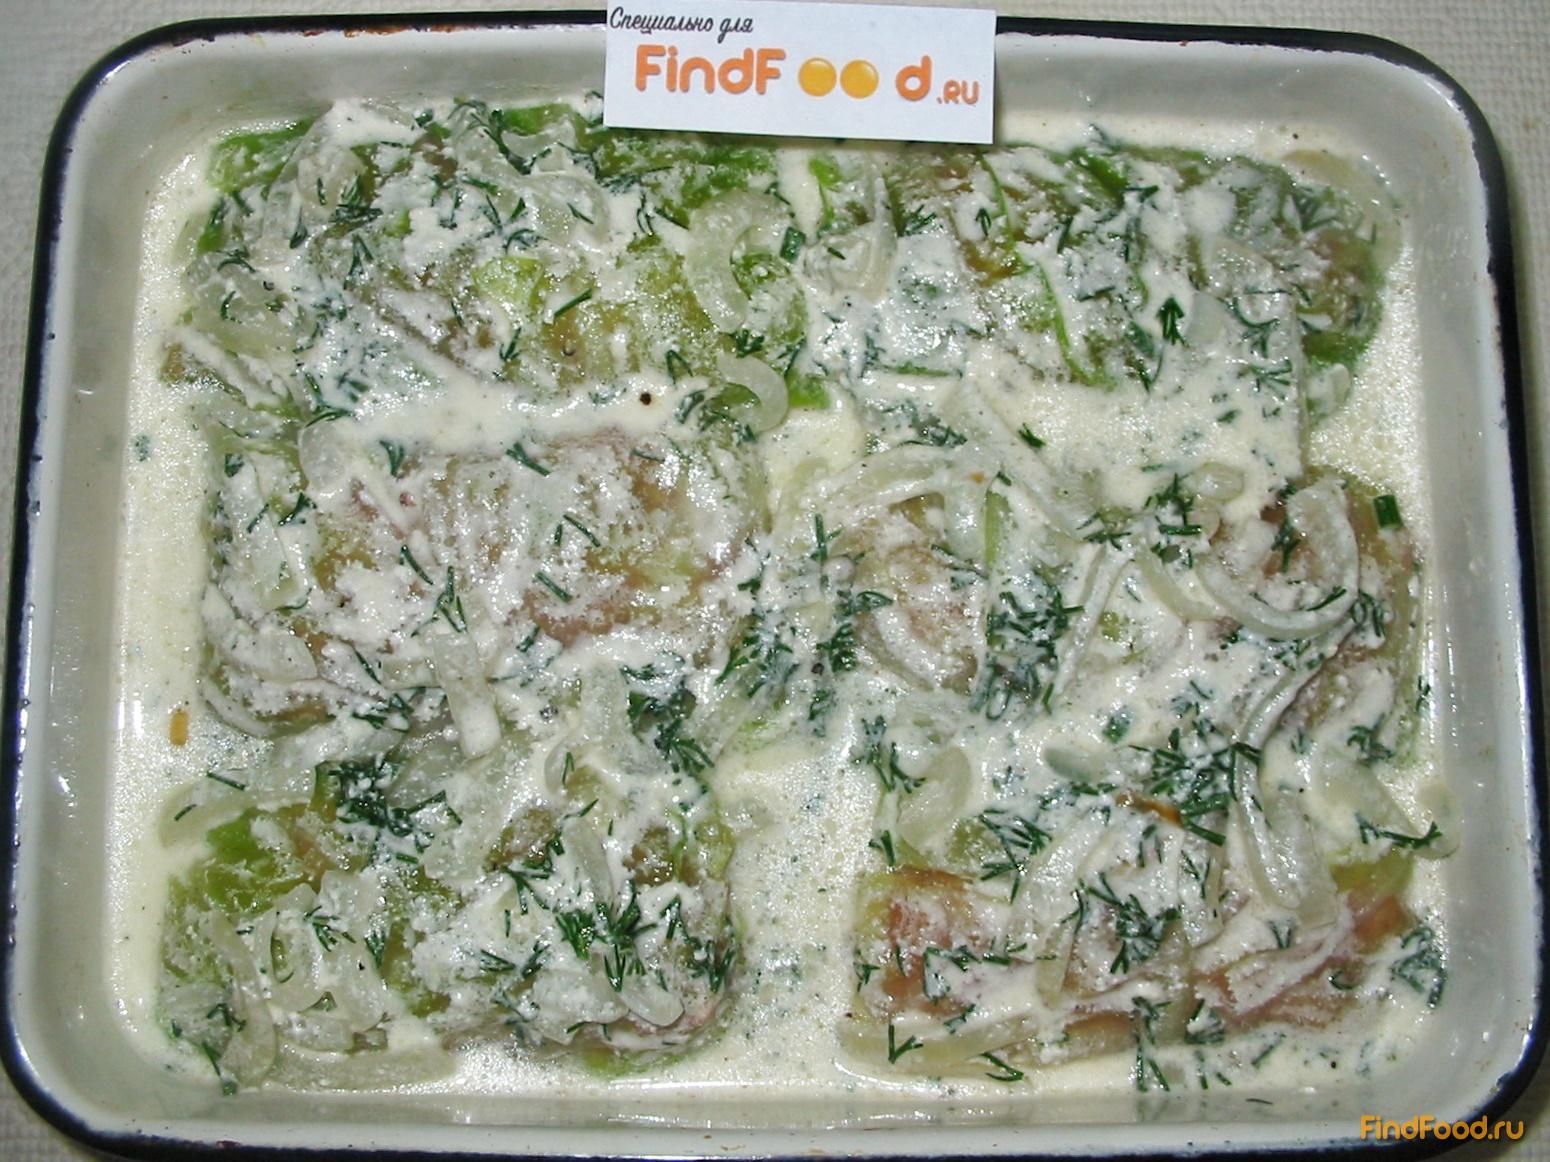 Голубцы рецепт пошагово в соусе